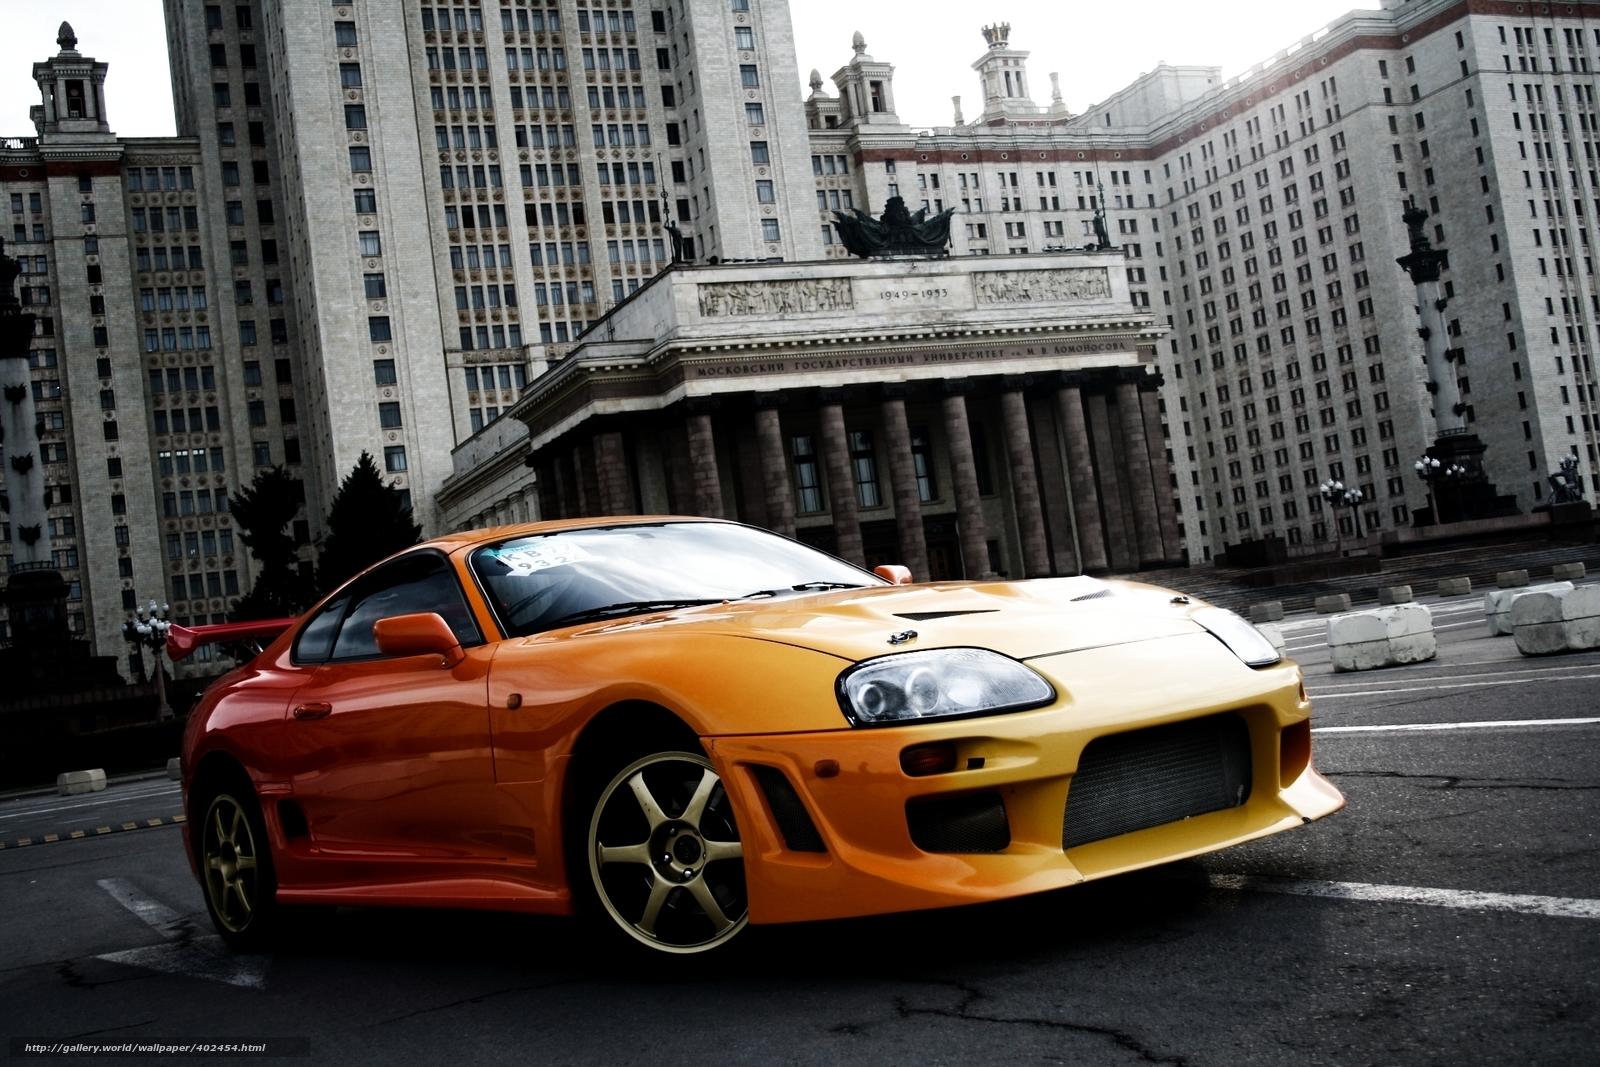 tlcharger fond d 39 ecran toyota supra voiture de sport orange fonds d 39 ecran gratuits pour votre. Black Bedroom Furniture Sets. Home Design Ideas